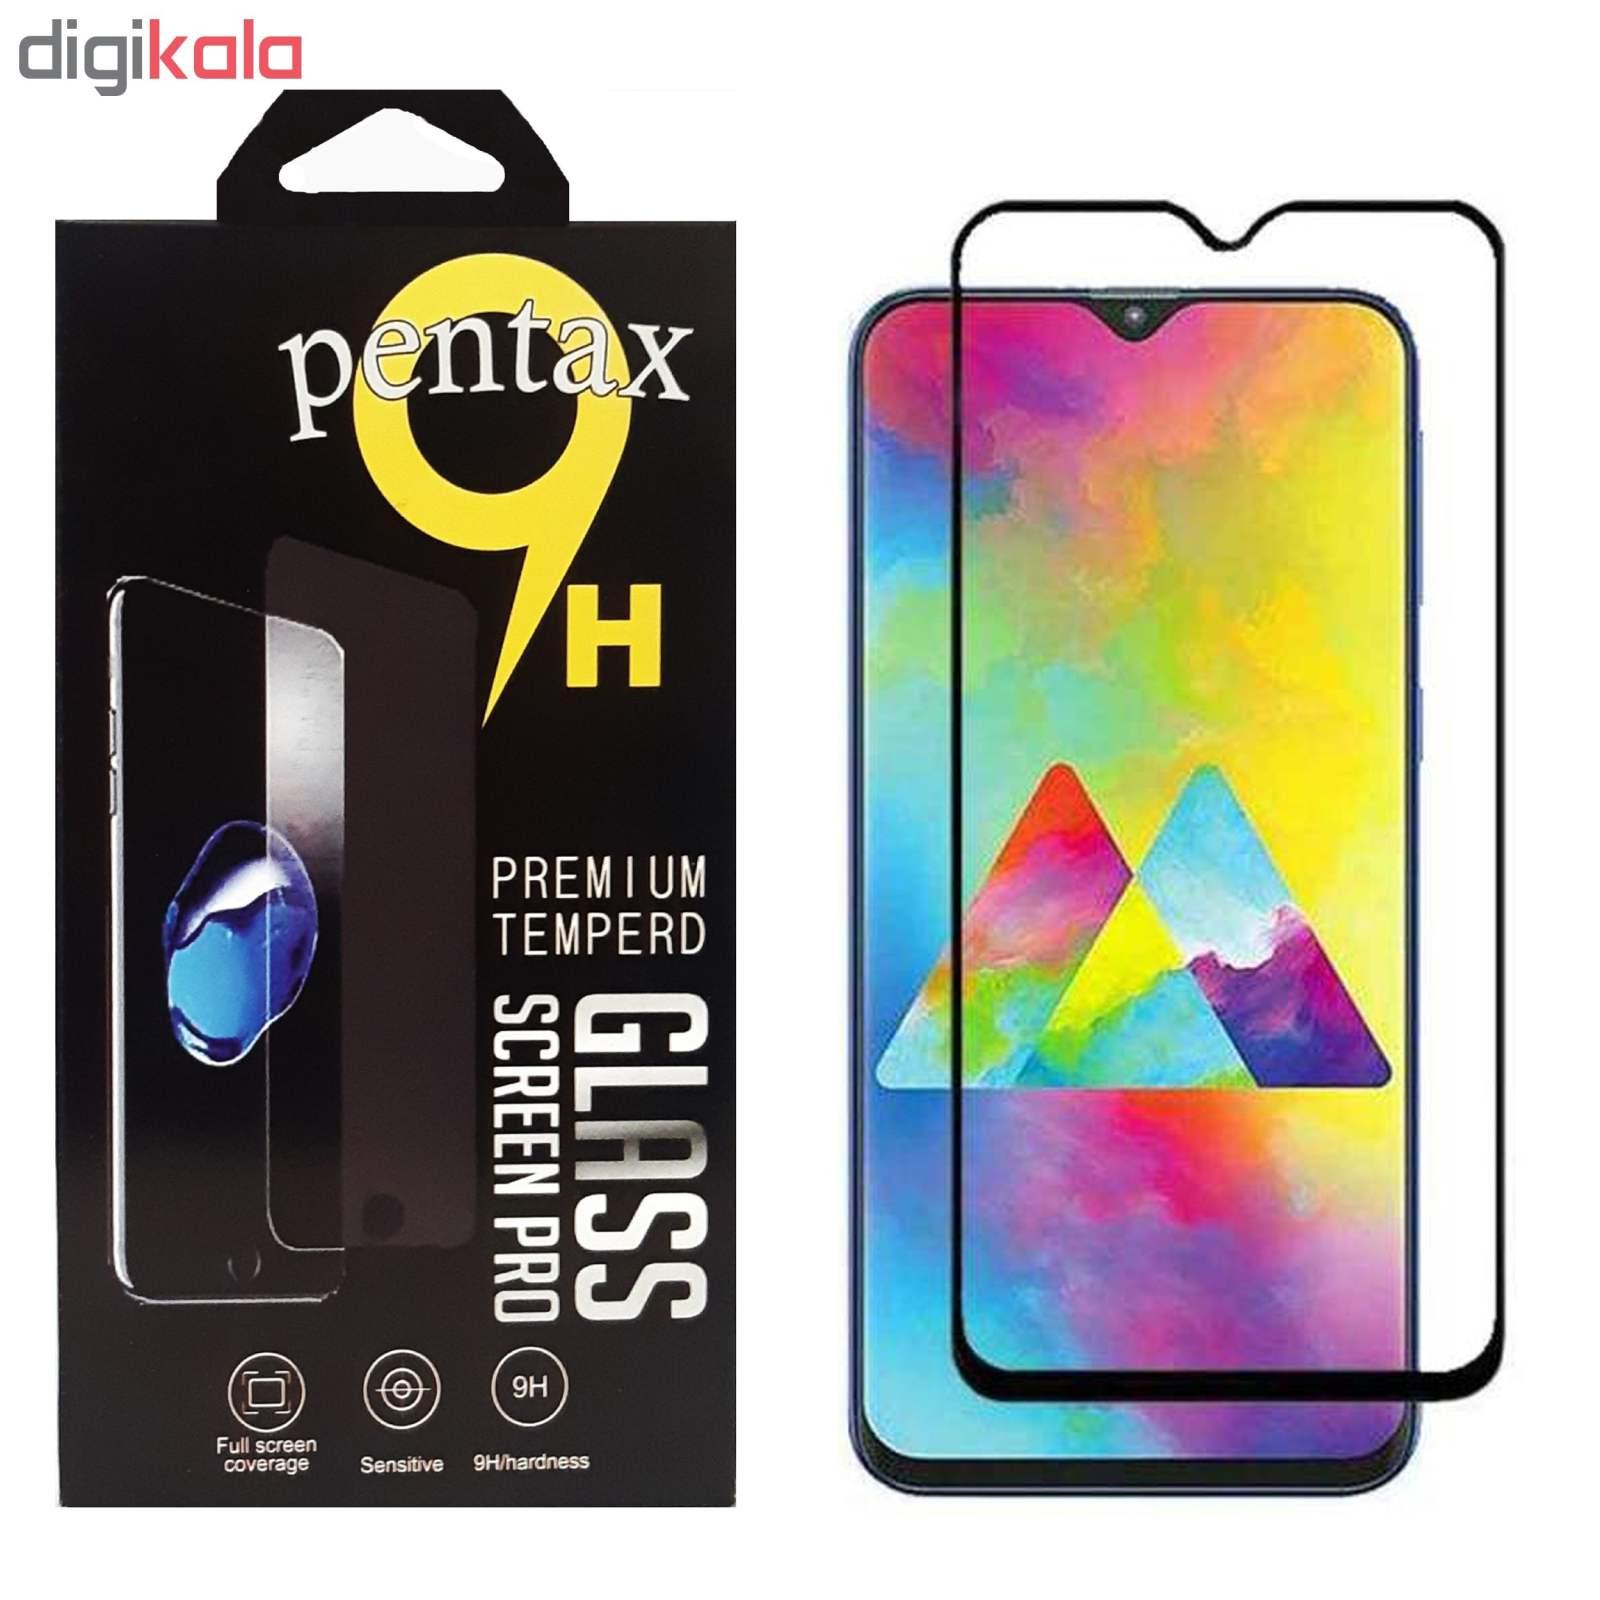 محافظ صفحه نمایش پنتاکس مدل TMP مناسب برای گوشی موبایل سامسونگ Galaxy M20 main 1 1